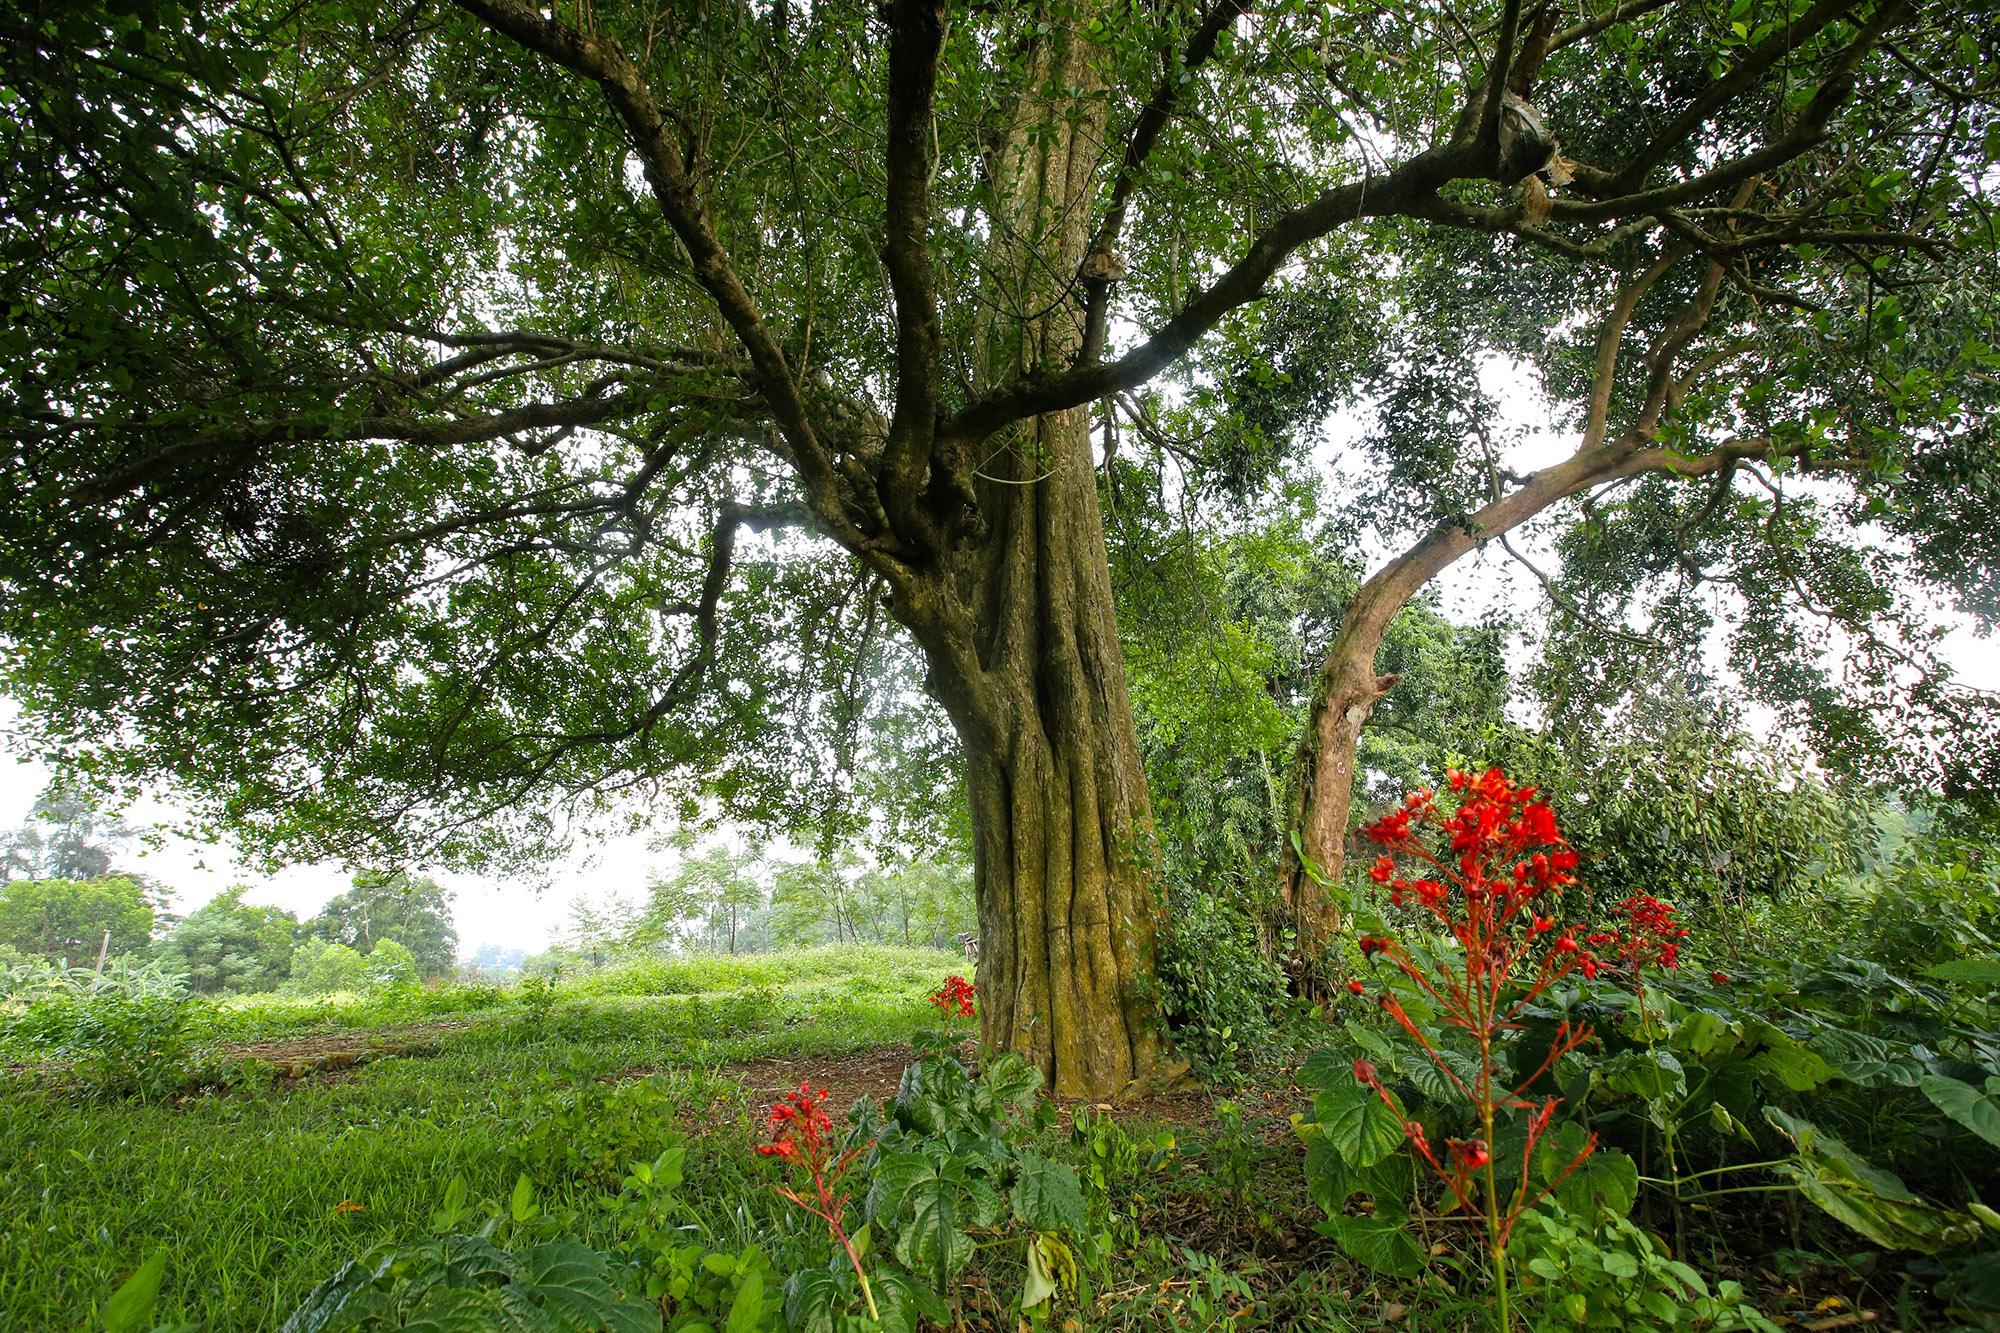 Rặng cây duối cổ hơn 1000 năm tuổi ở Hà Nội - 11